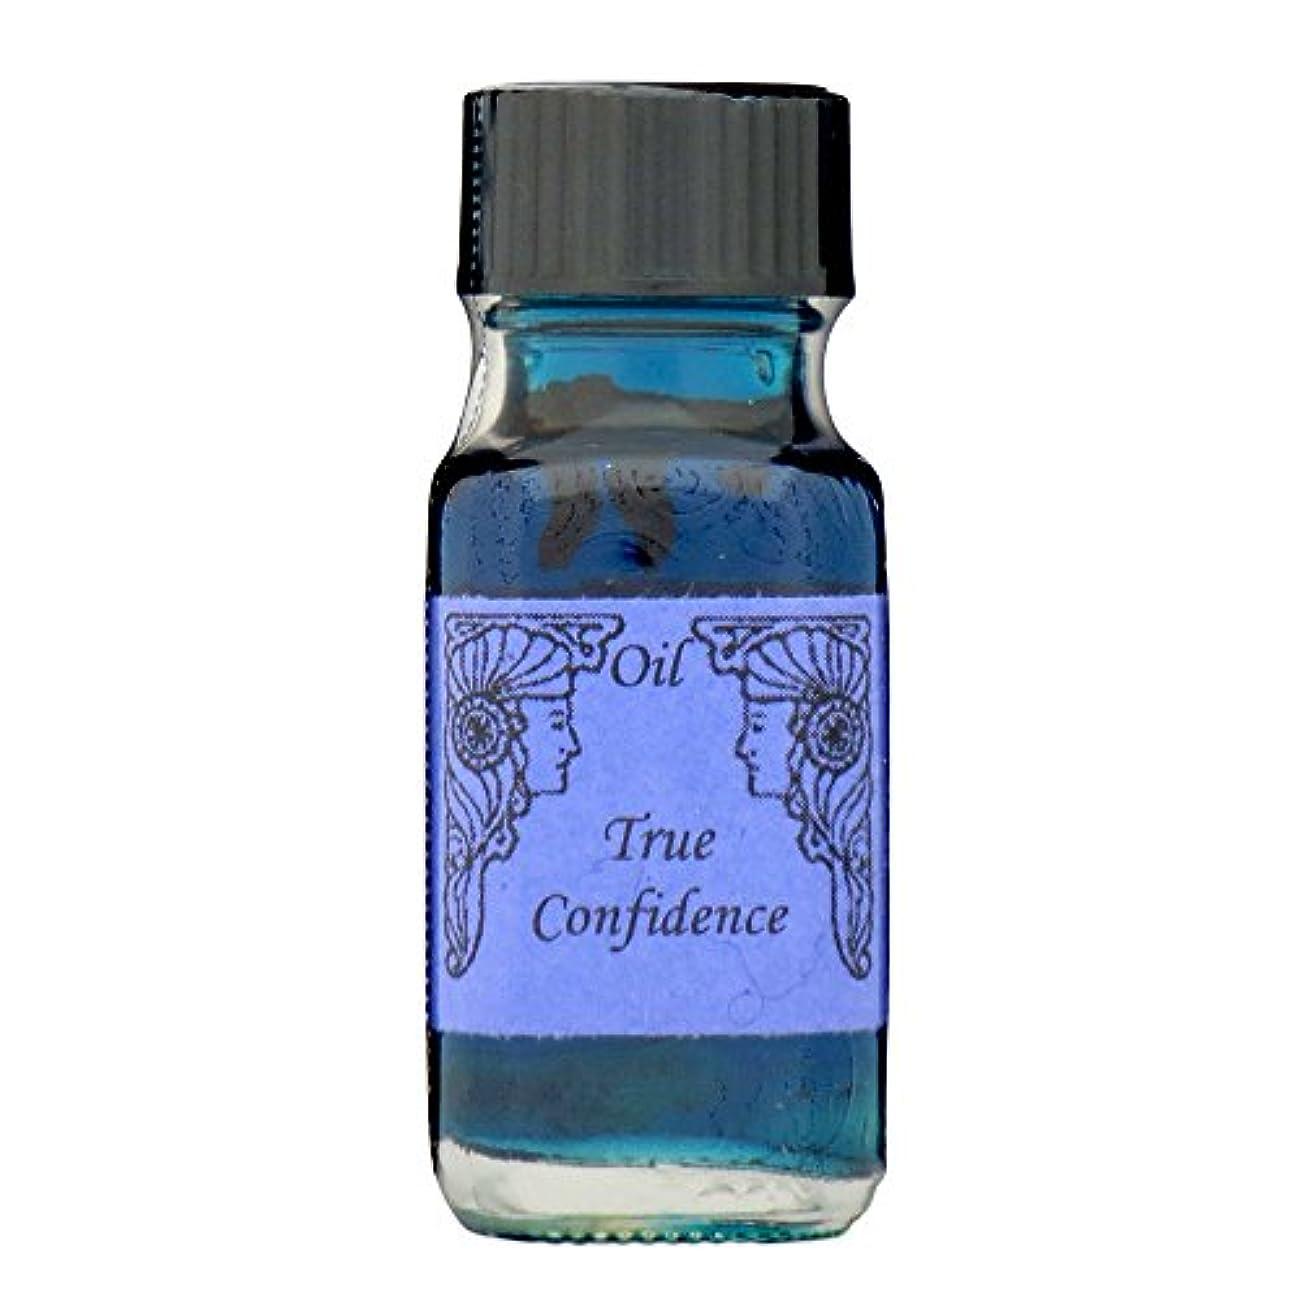 俳句化石収益アンシェントメモリーオイル トゥルーコンフィデンス (真の自信) 15ml (Ancient Memory Oils)